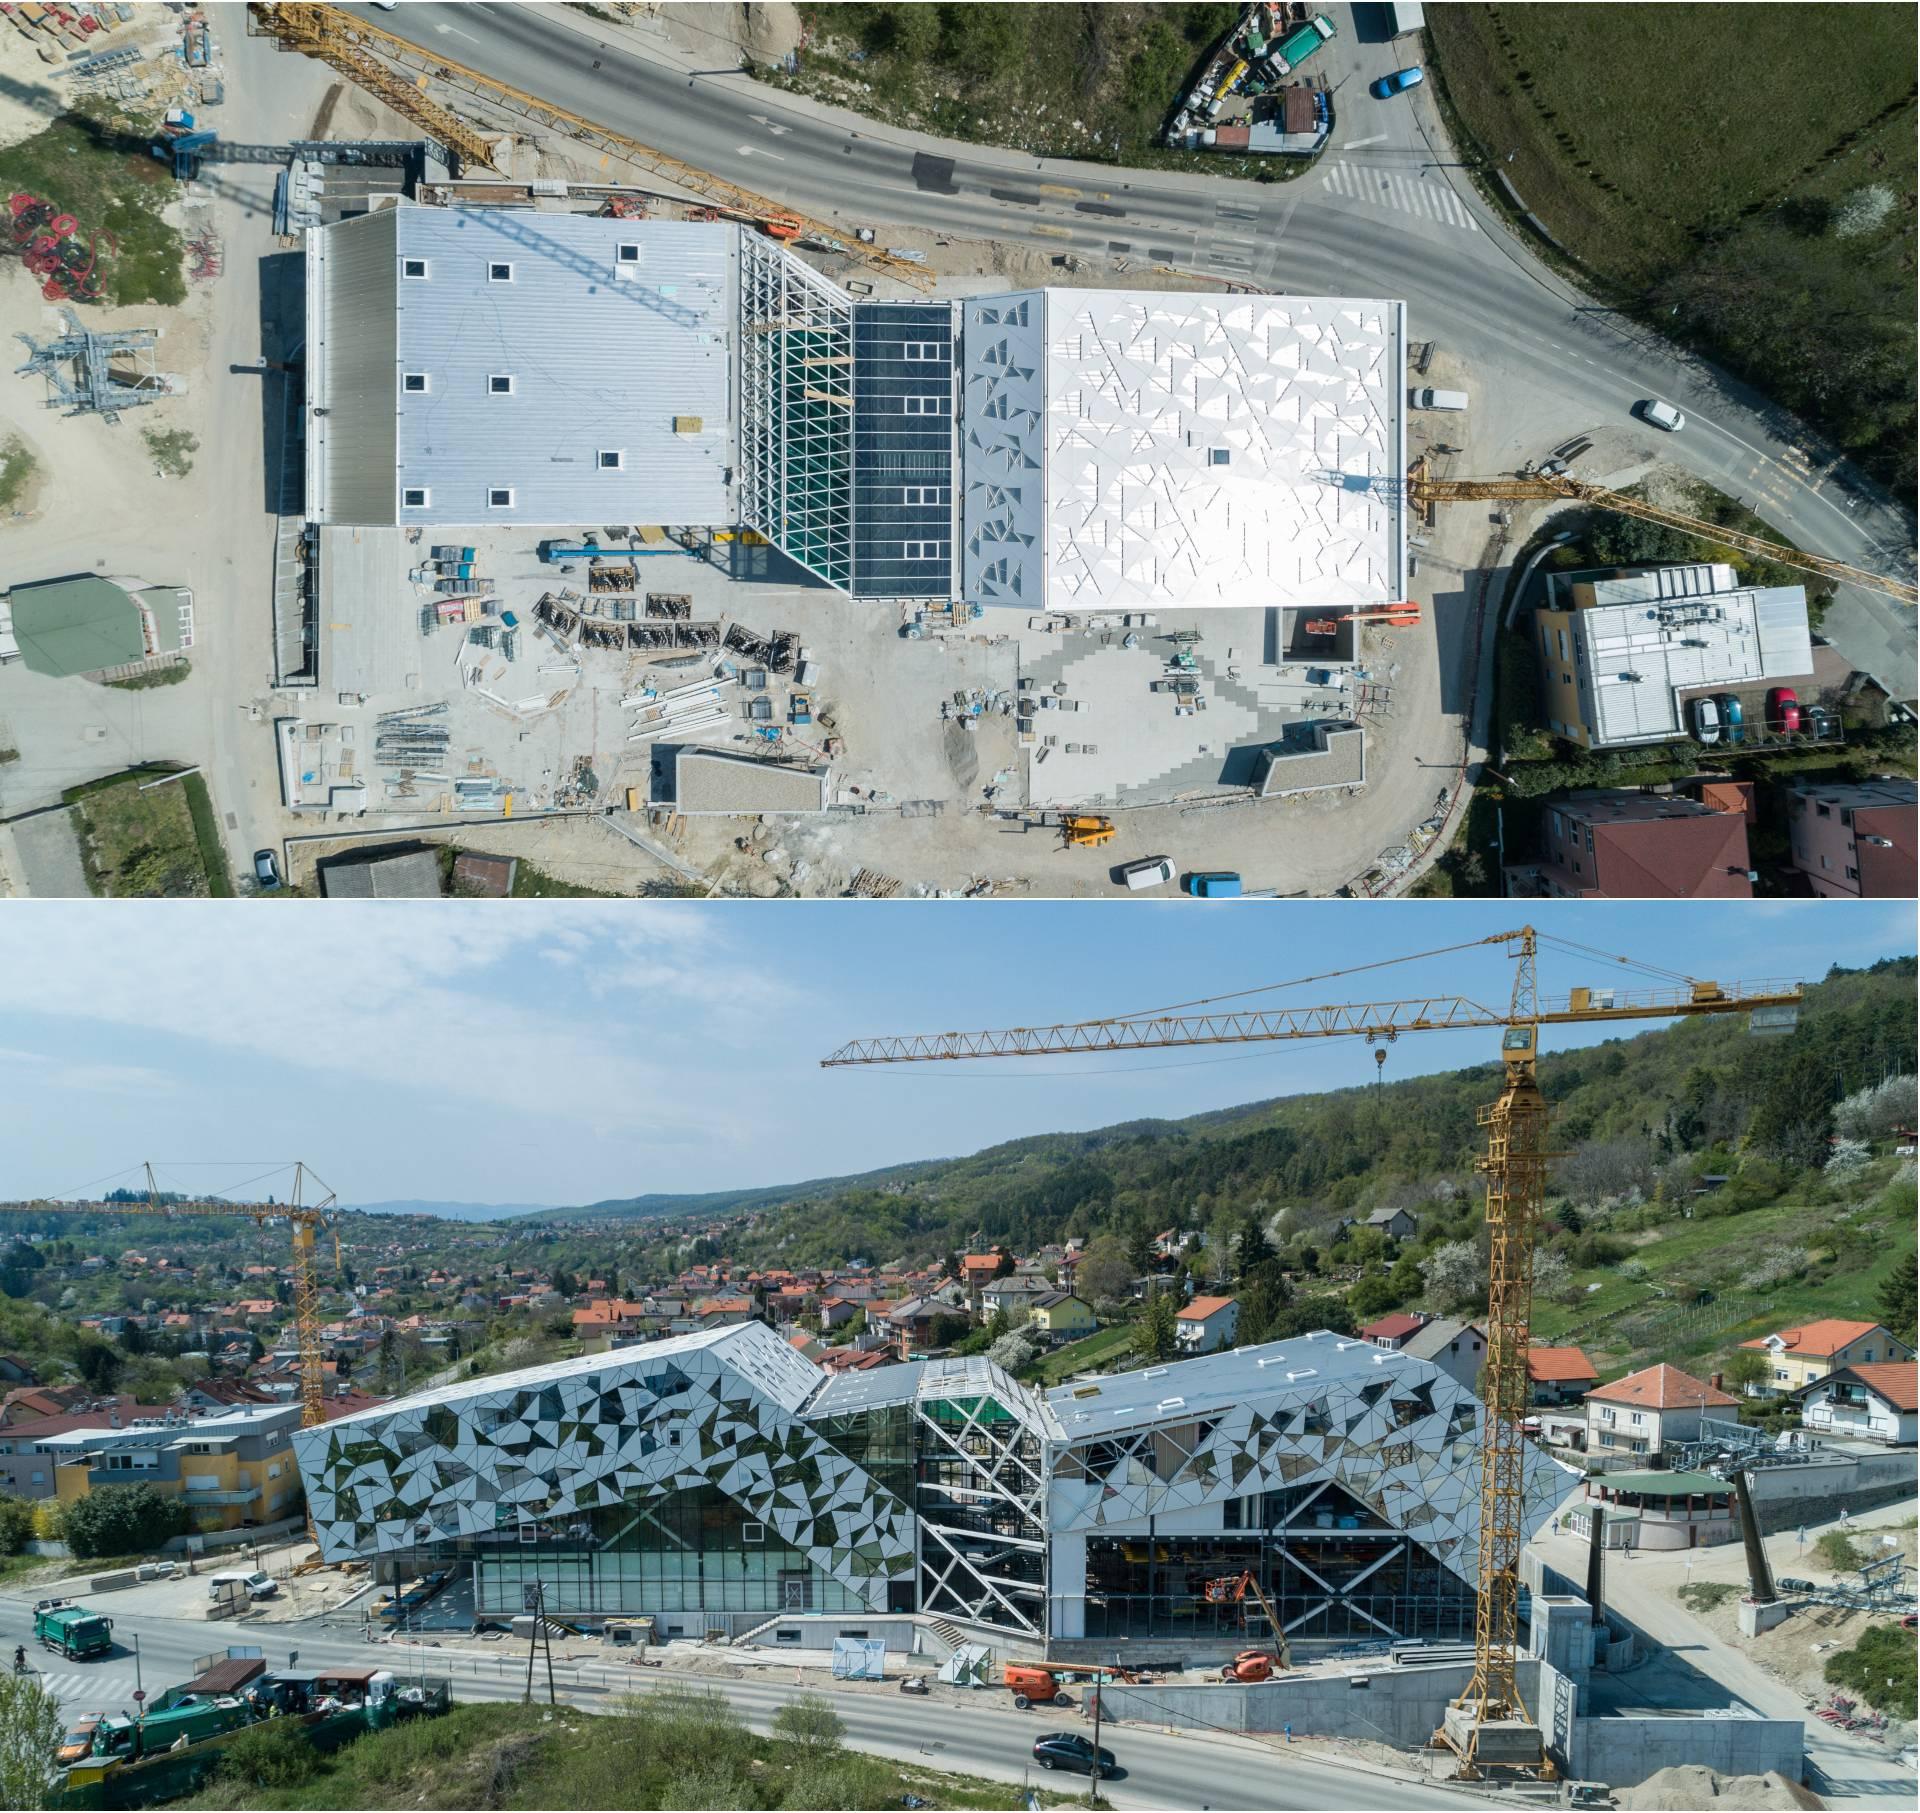 Fotografije iz zraka: Evo gdje je stala gradnja sljemenske žičare